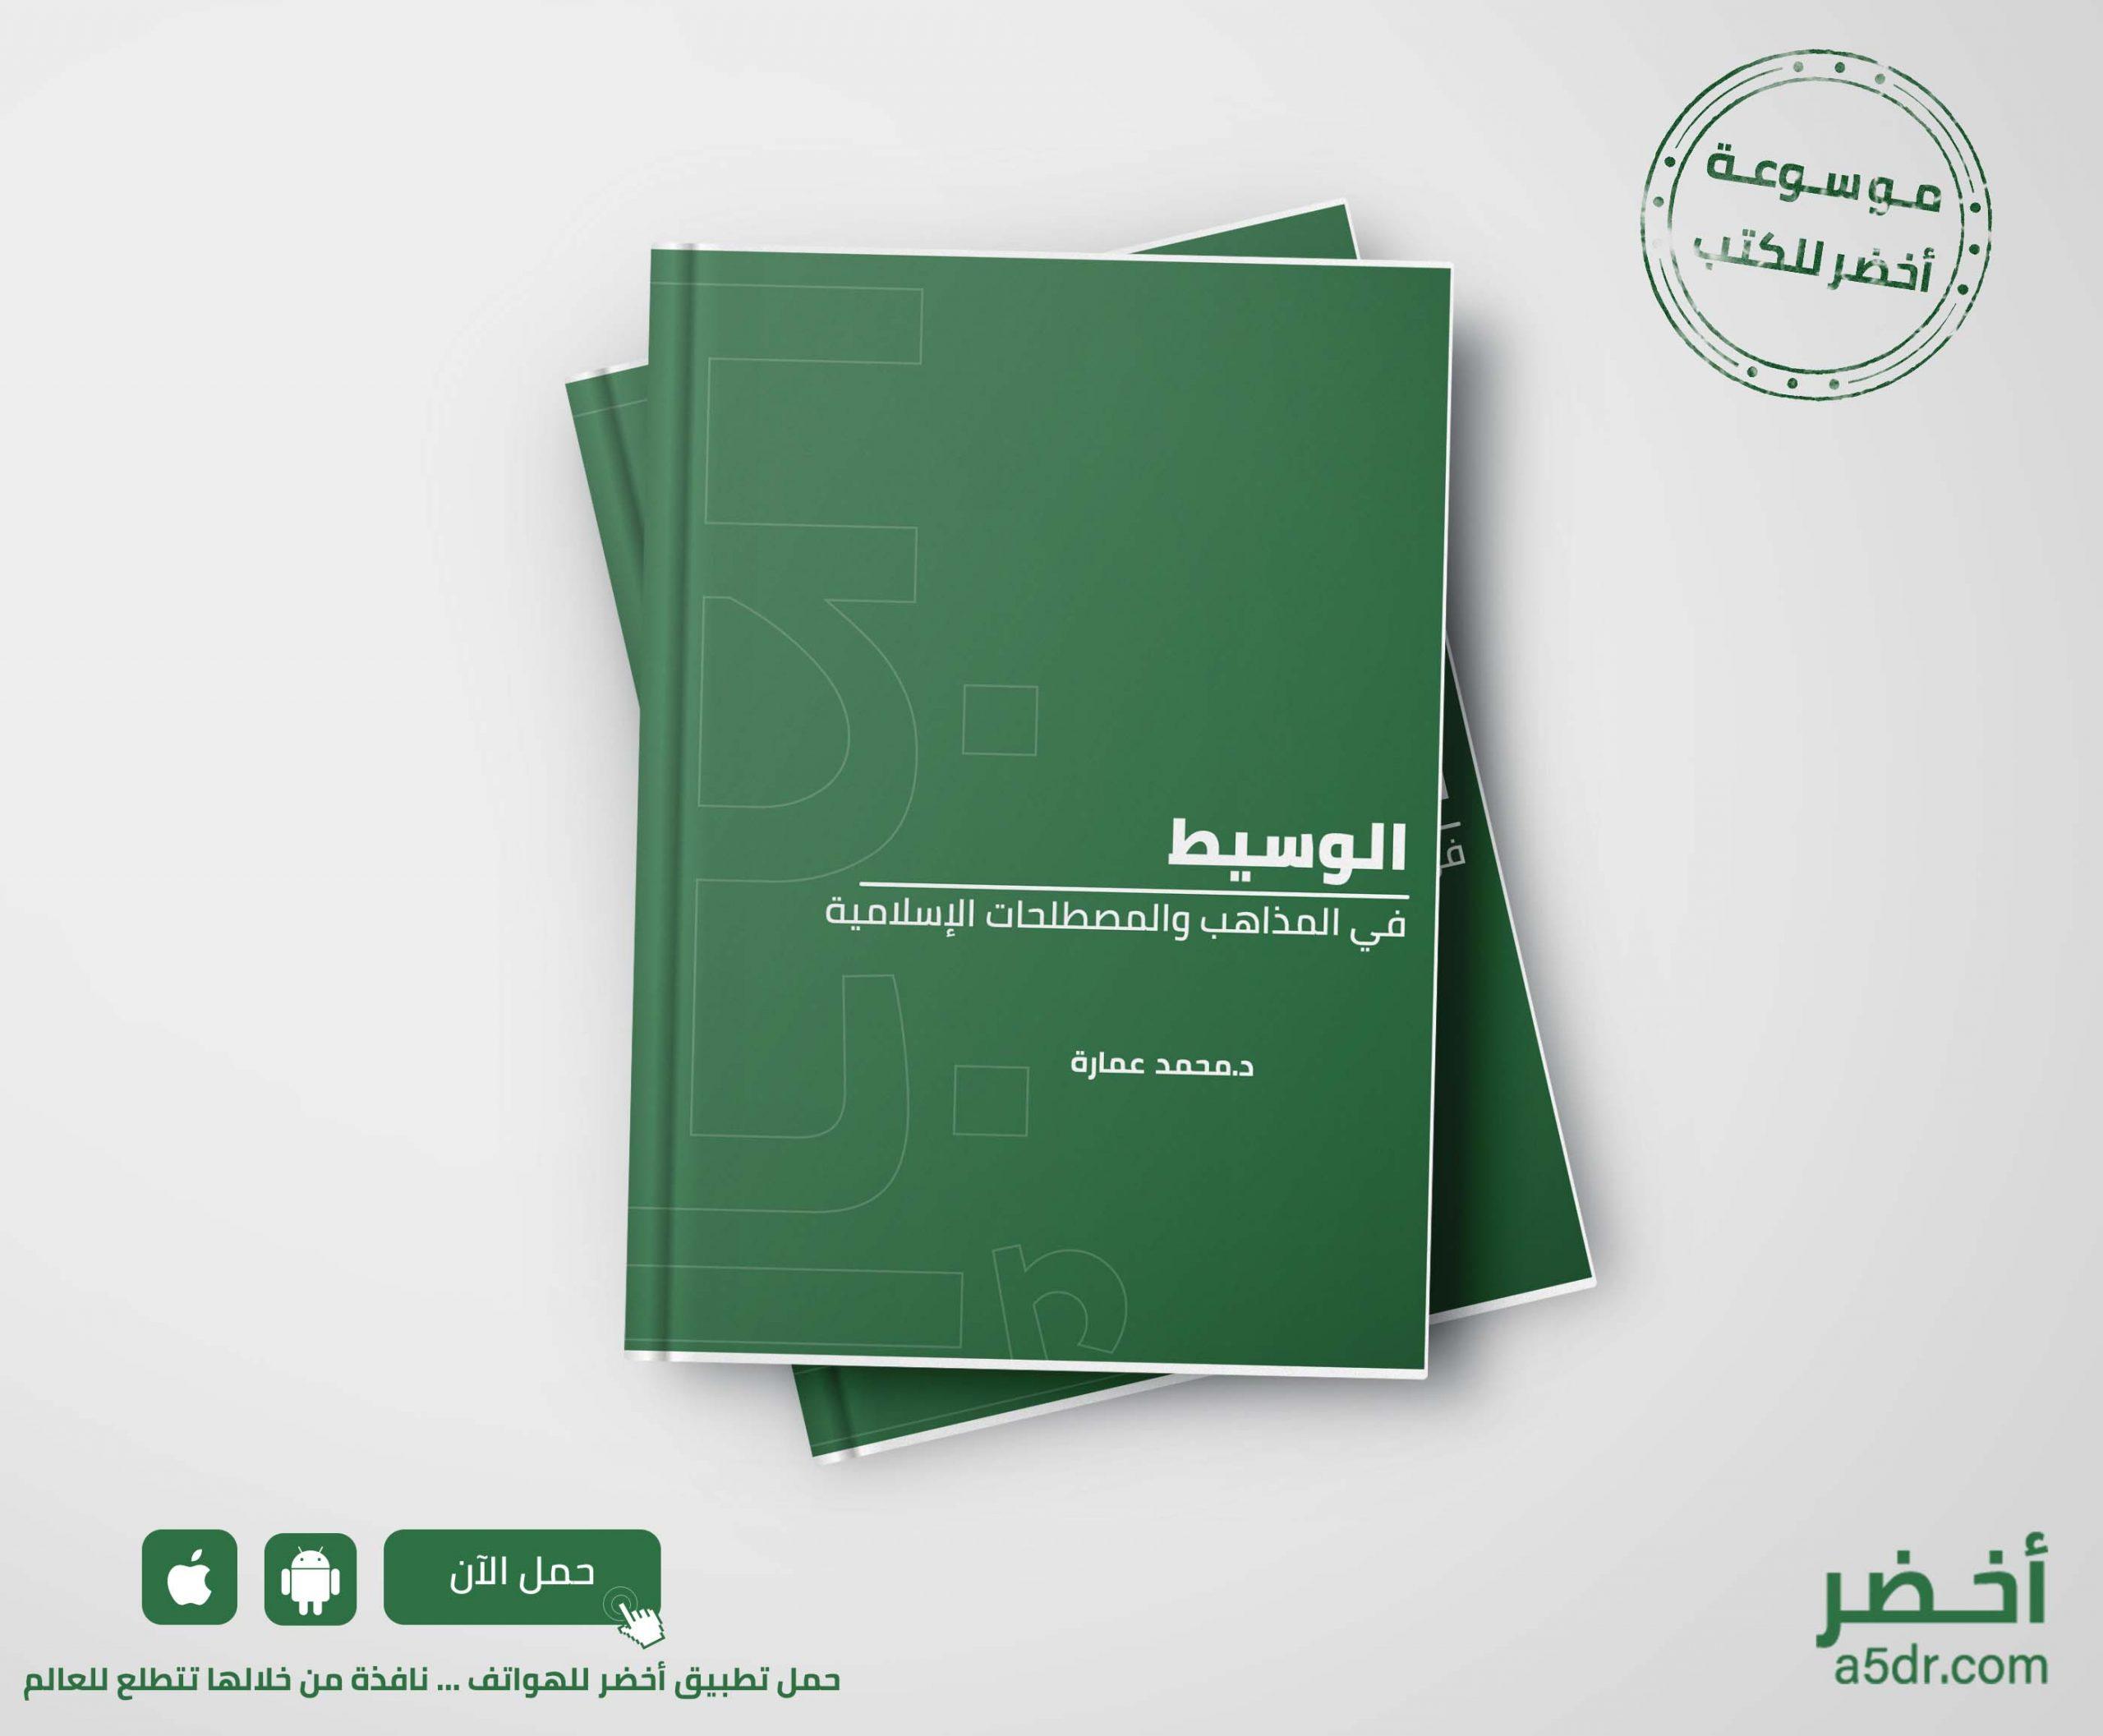 كتاب الوسيط في المذاهب والمصطلحات الإسلامية - محمد عمارة